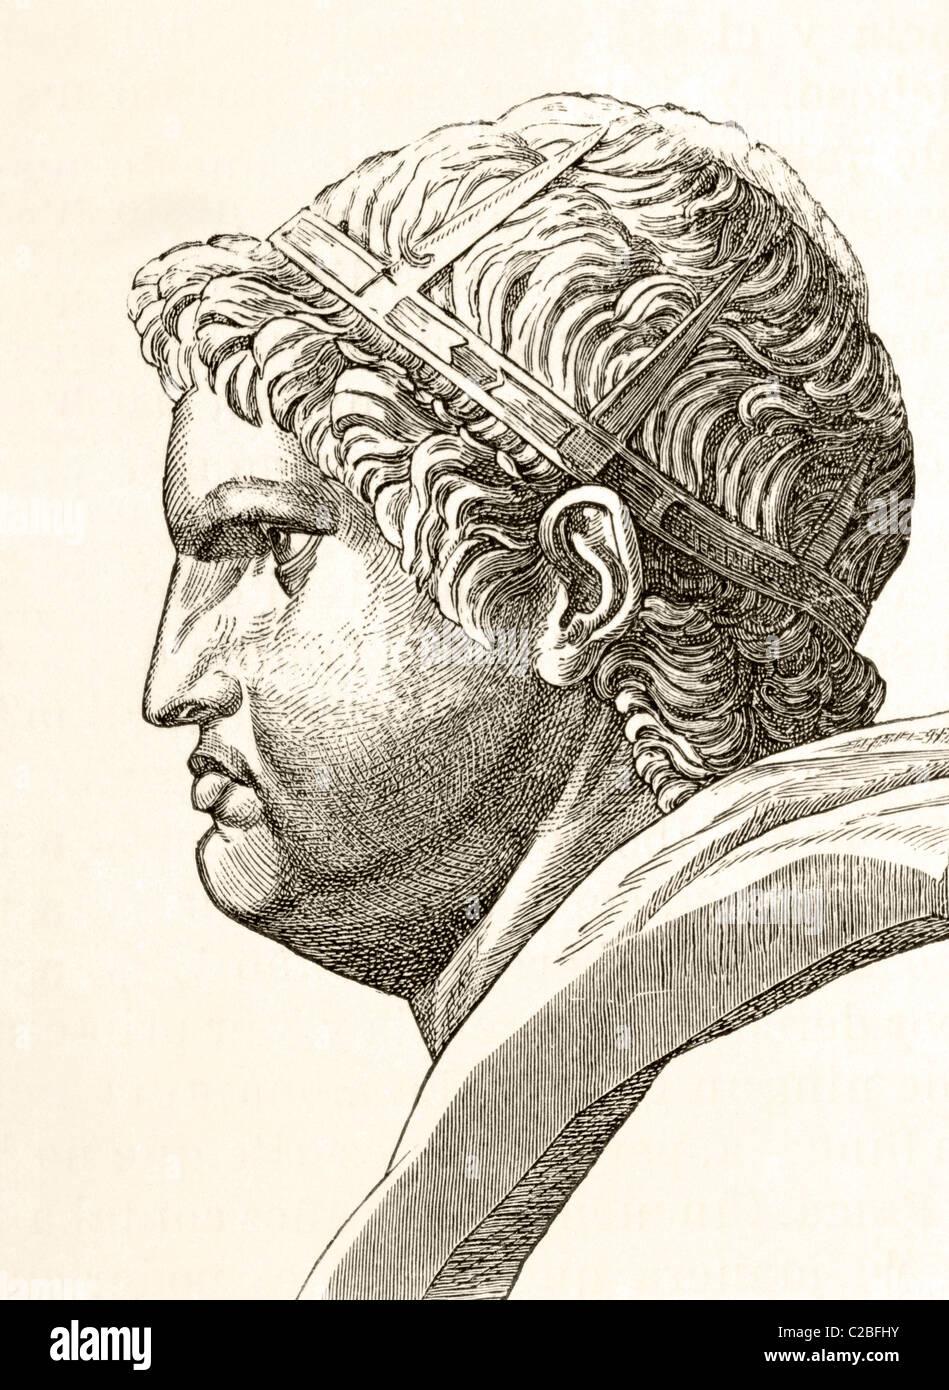 Nero Claudius Caesar Augustus Germanicus, AD37 - 68. Born Lucius Domitius Ahenobarbus. Emperor of Rome. - Stock Image